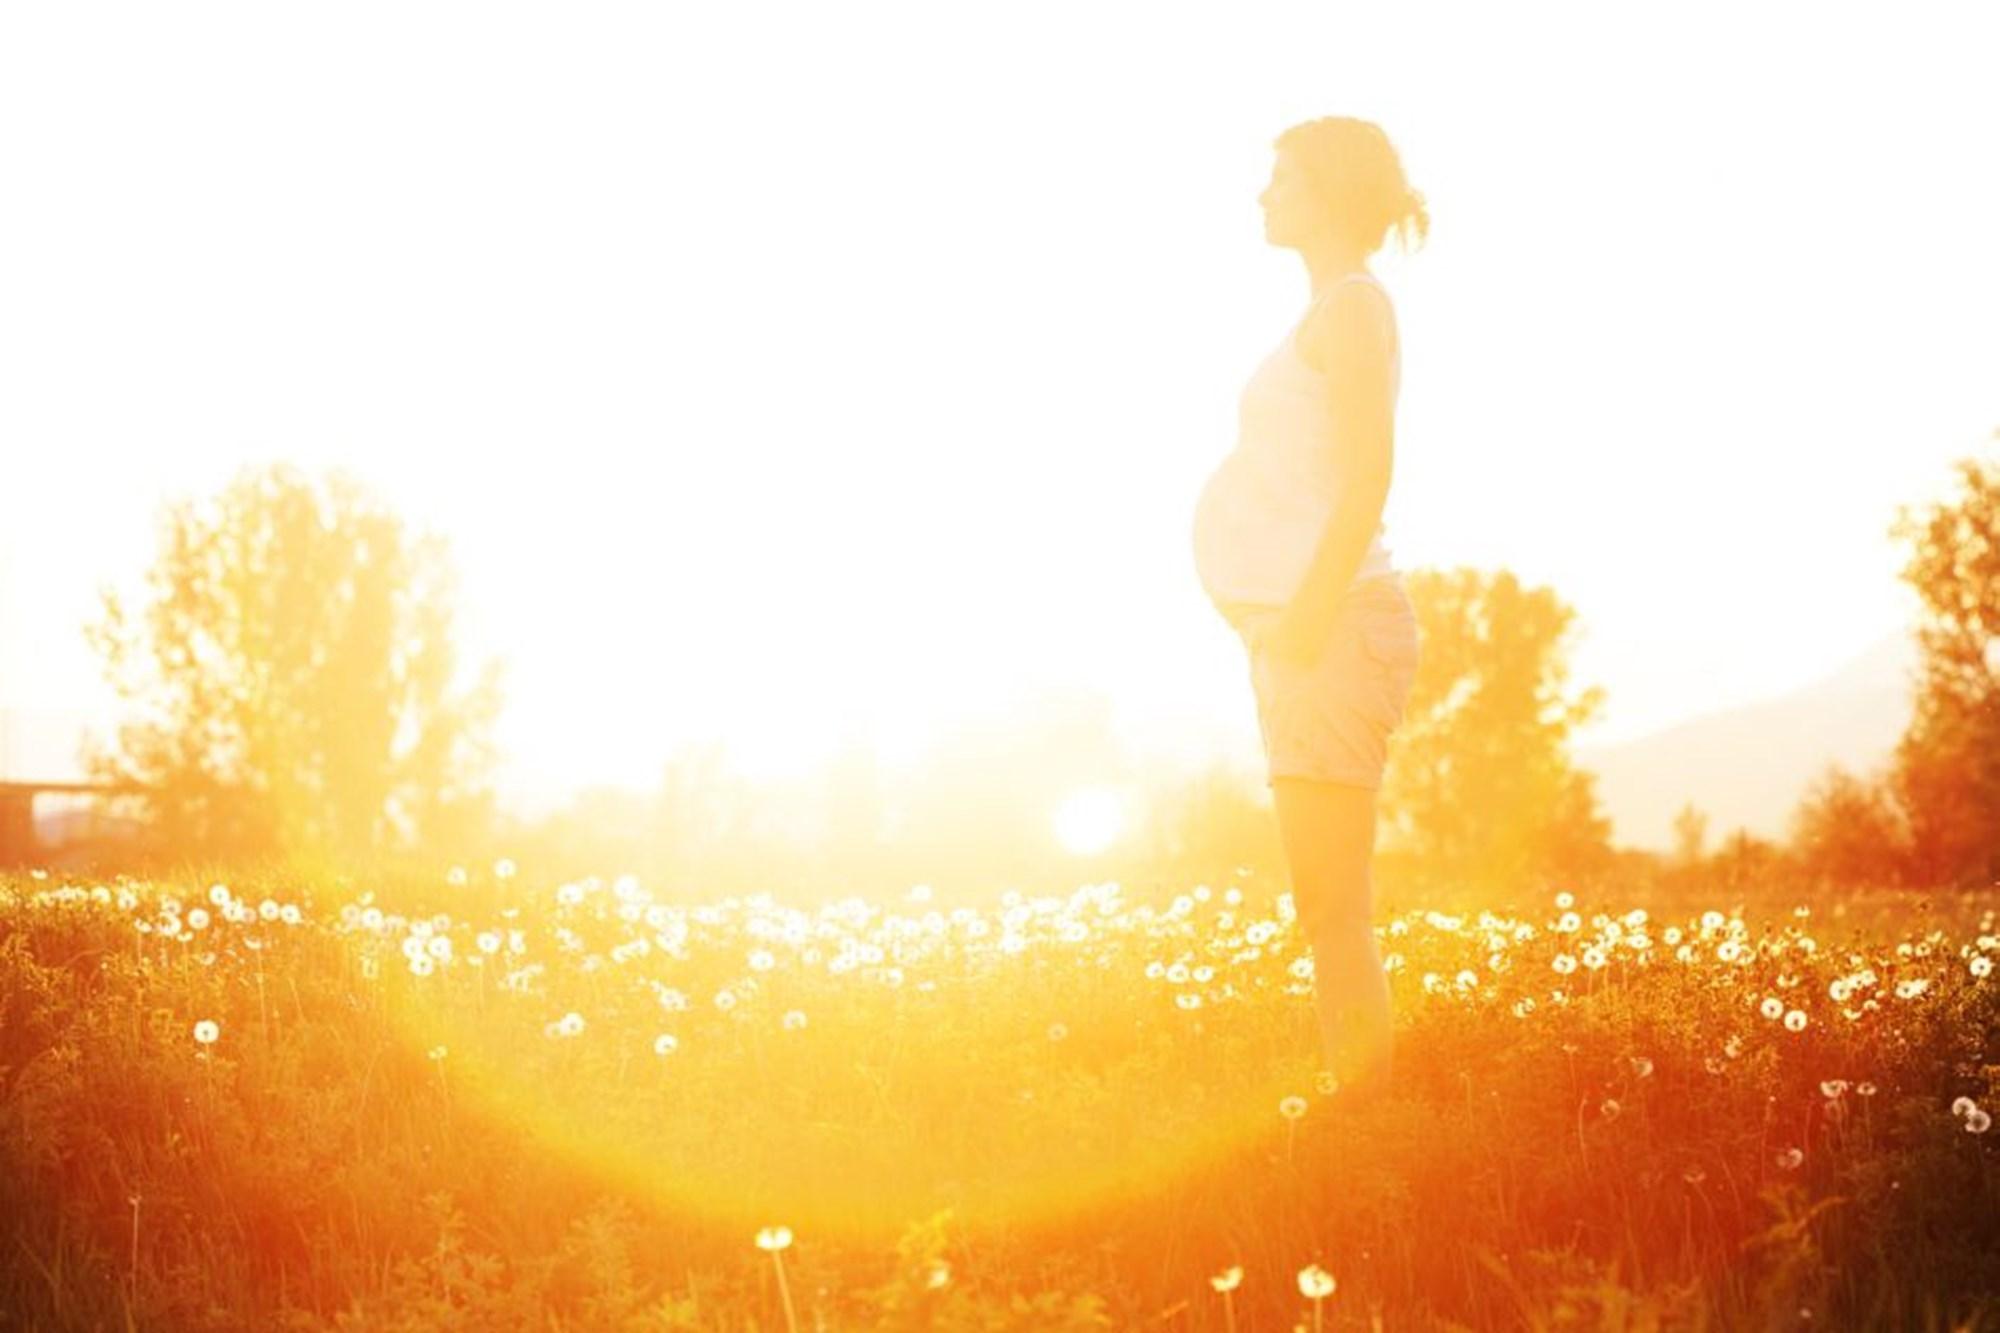 Lichtexposition während Schwangerschaft beeinflusst Ängstlichkeit eines Kindes